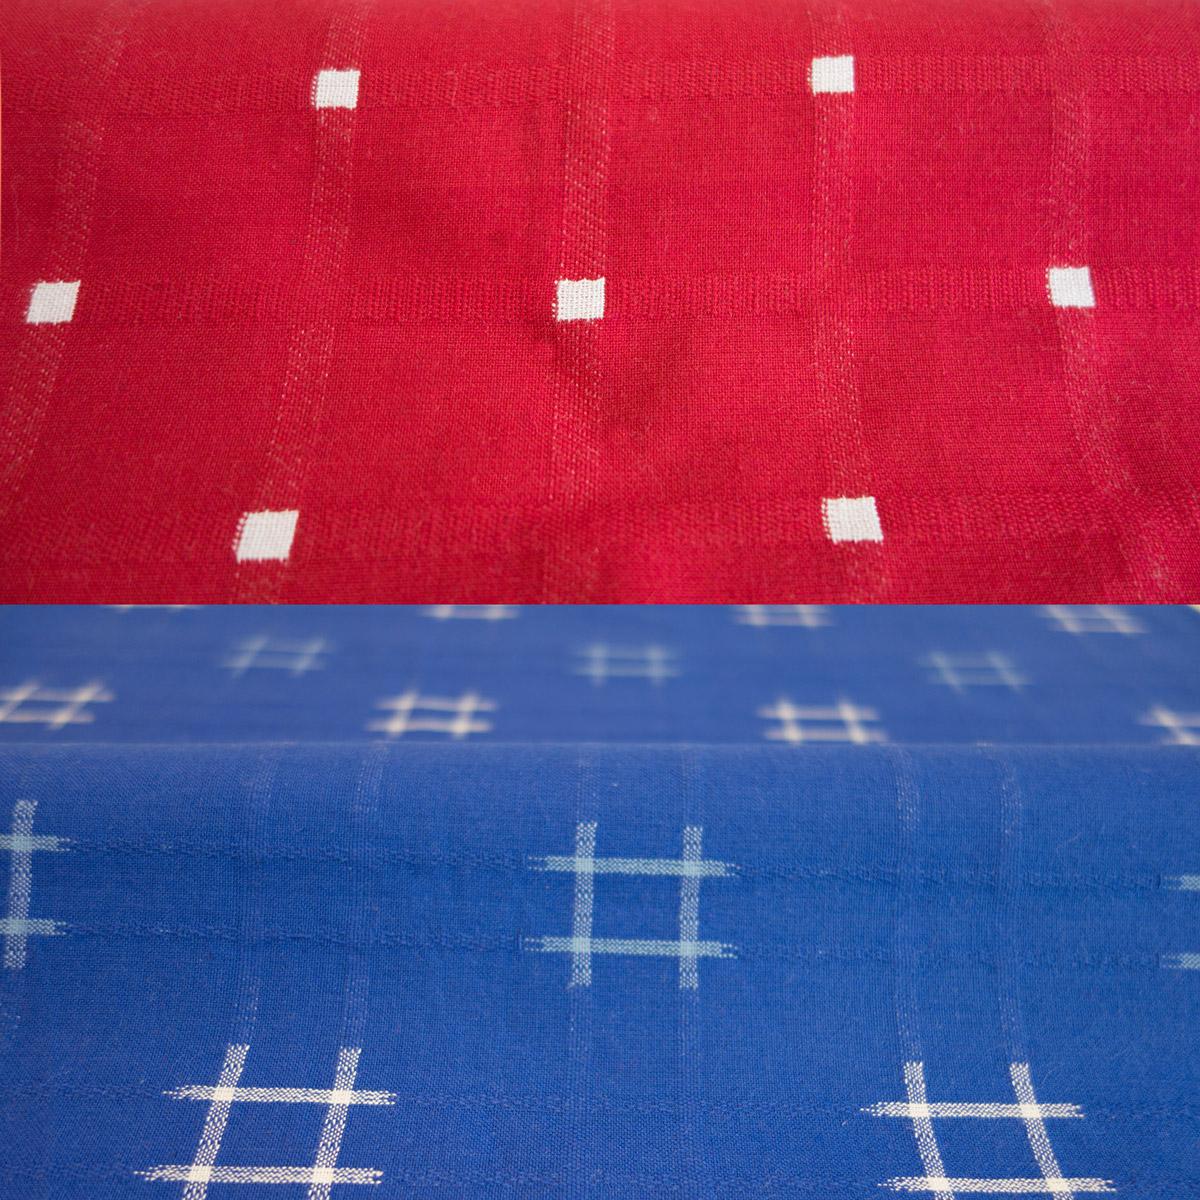 先染ドビー織井桁柄 四角柄 豪華な 完全送料無料 綿100%生地 幅150cm 日本製久留米産刺子調